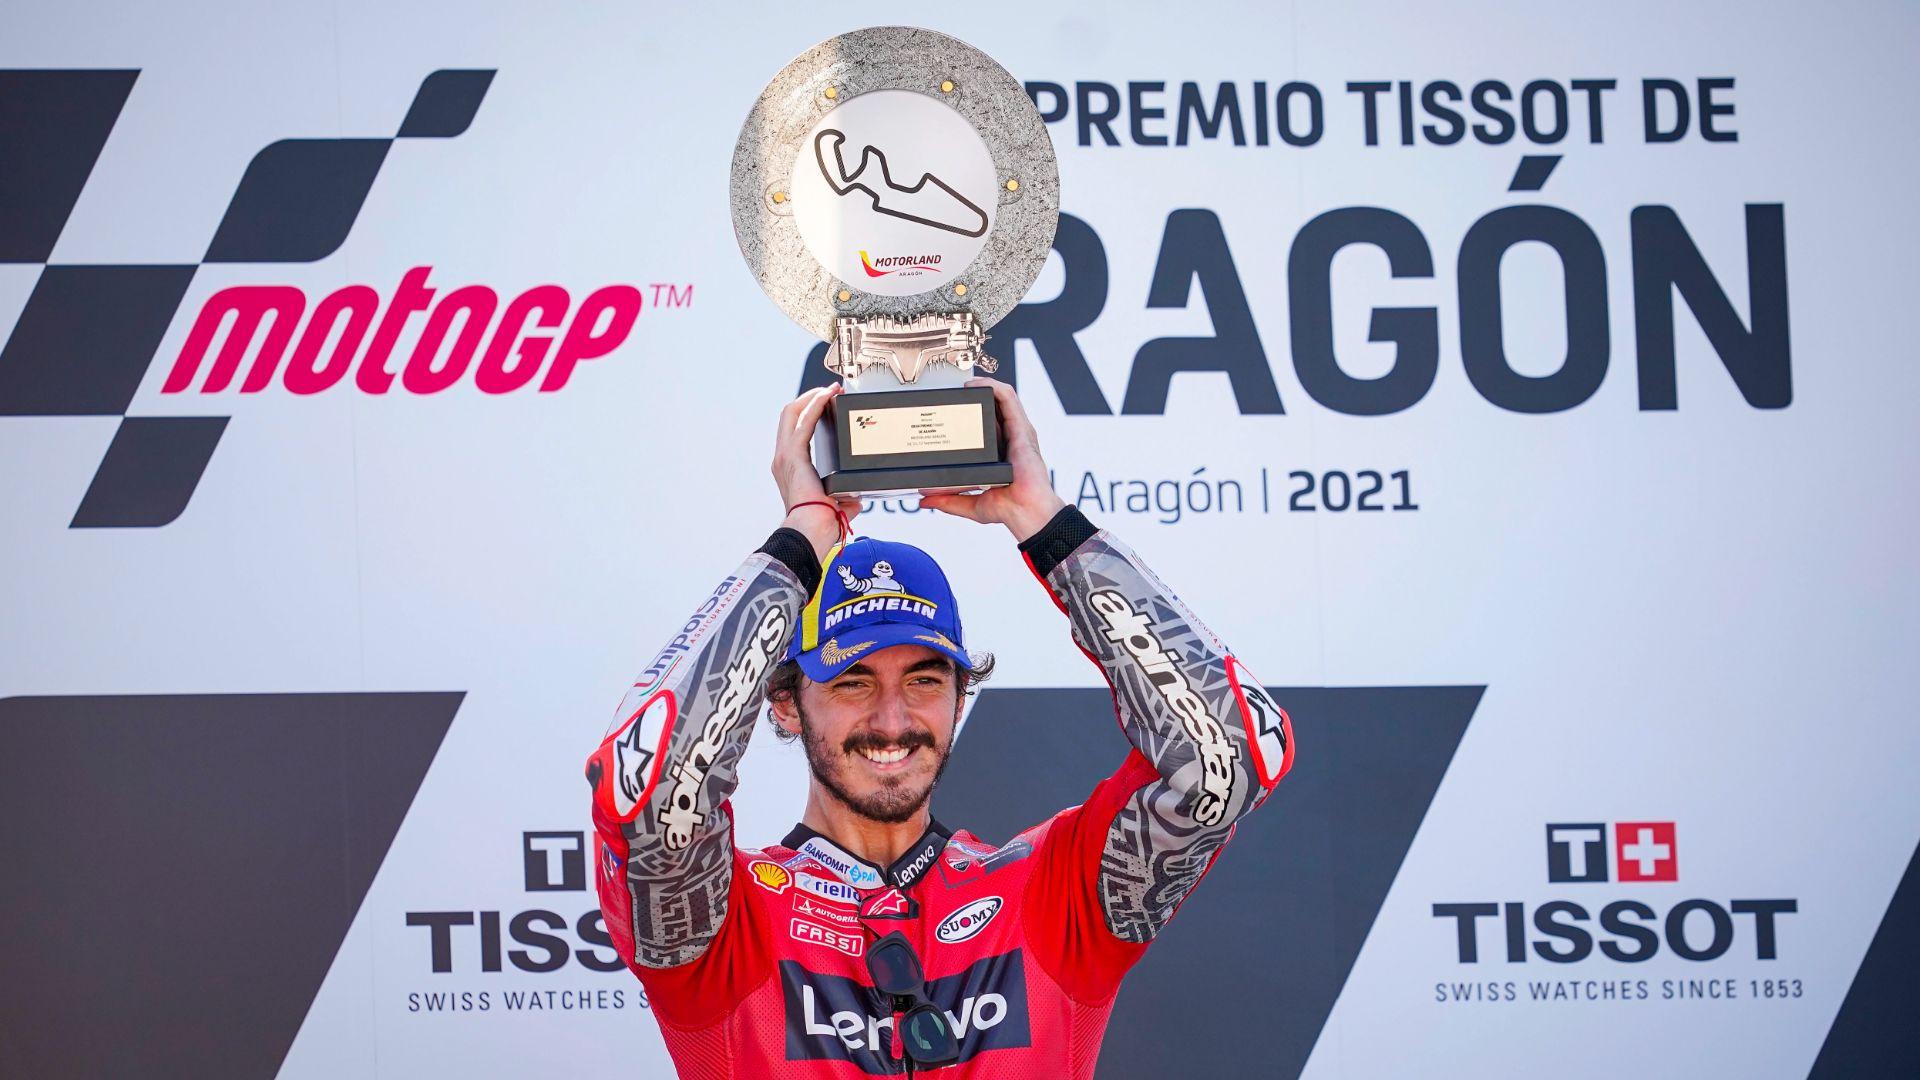 Aragón GP. Pecco Bagnaia secures extraordinary maiden victory in MotoGP. (Photo gallery)